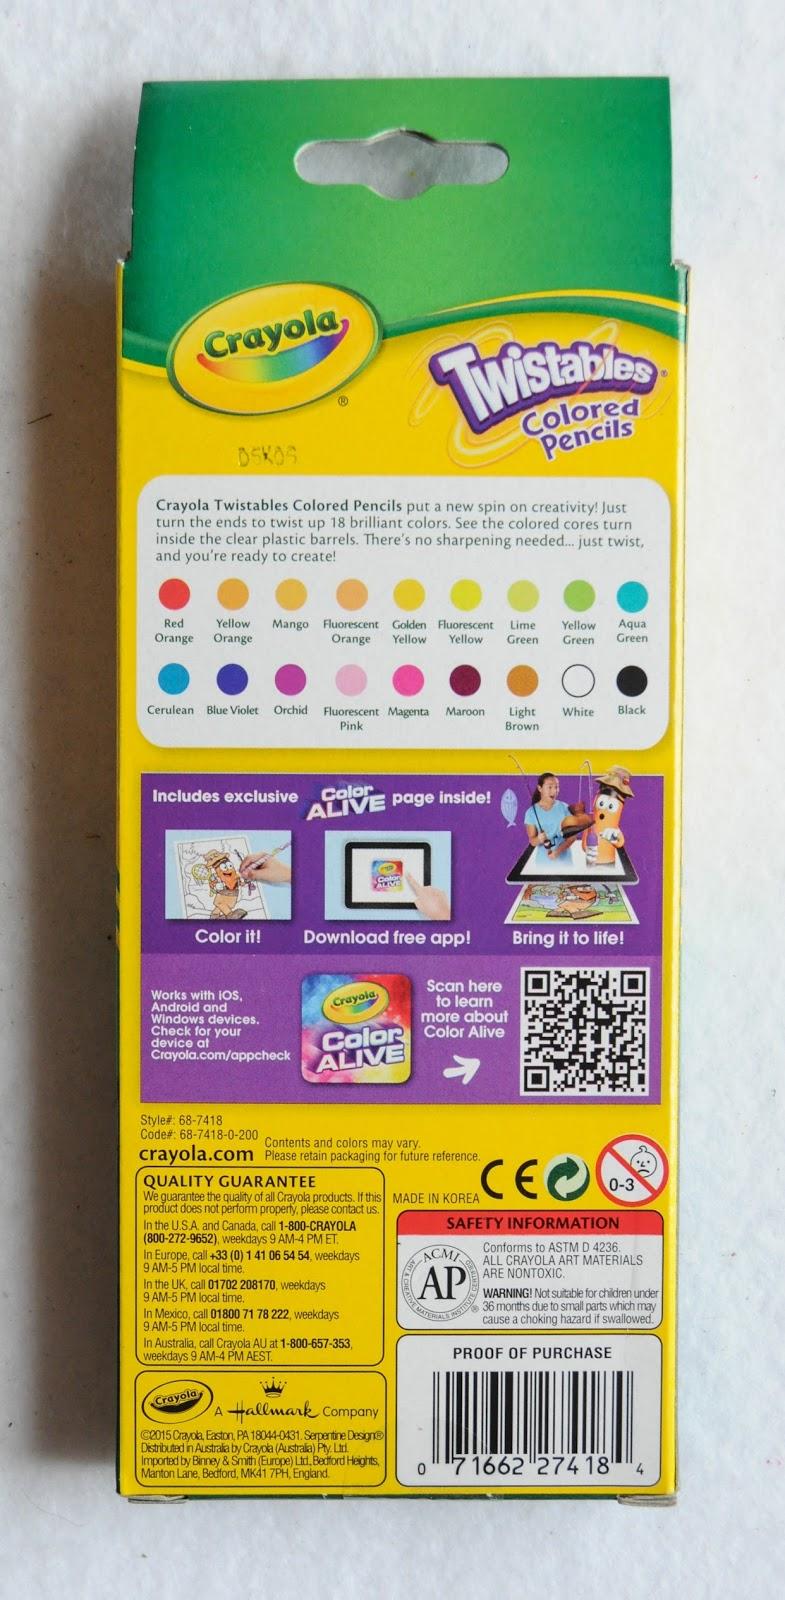 2015 30 twistables colored pencils - Crayola Colored Pencils Twistables